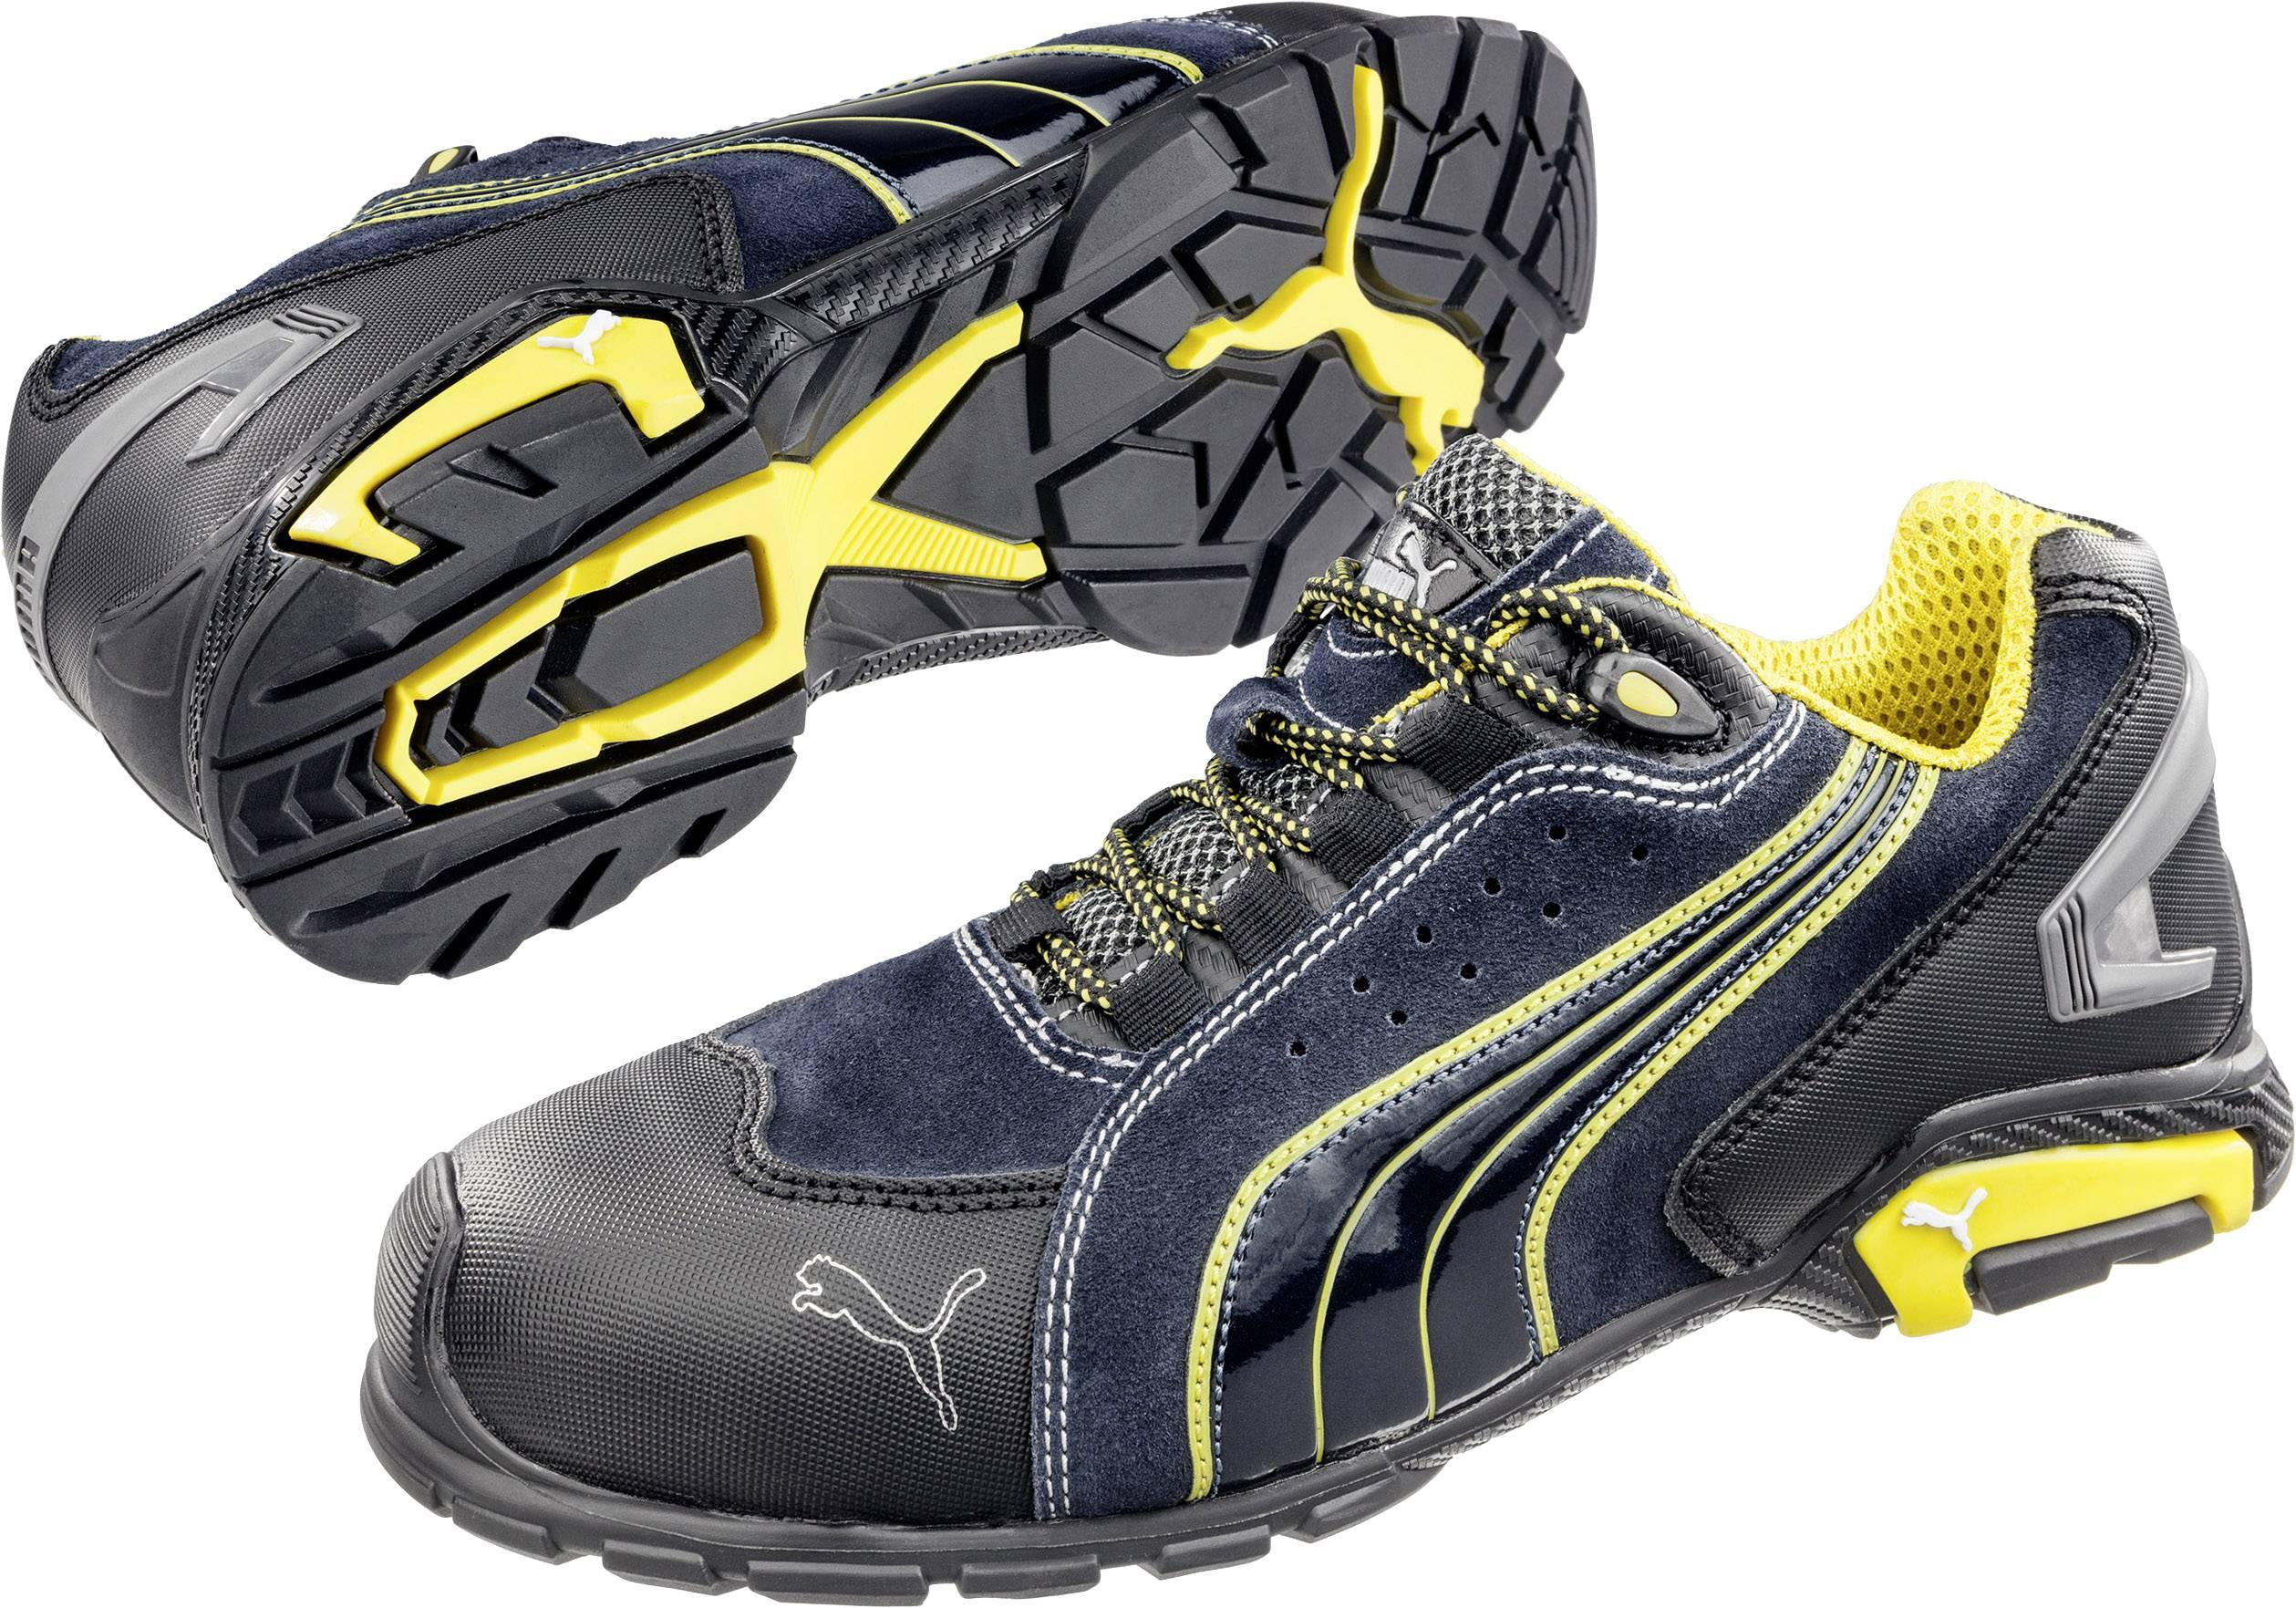 Chaussures basses de sécurité S1P Taille: 41 PUMA Safety Metro Protect 642730 coloris noir, bleu, jaune 1 paire